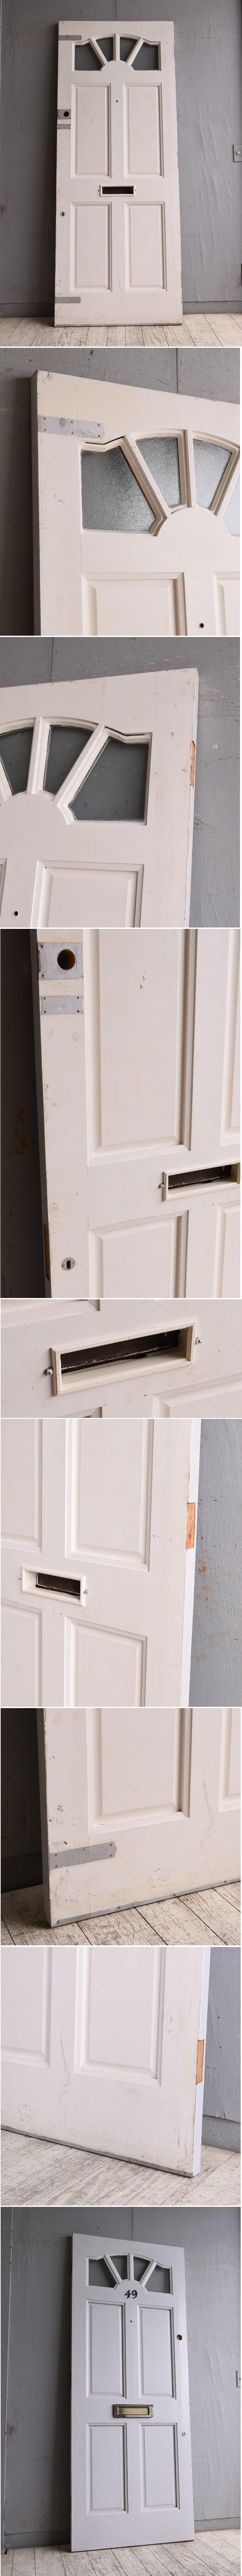 イギリス アンティーク ドア 扉 建具 10069